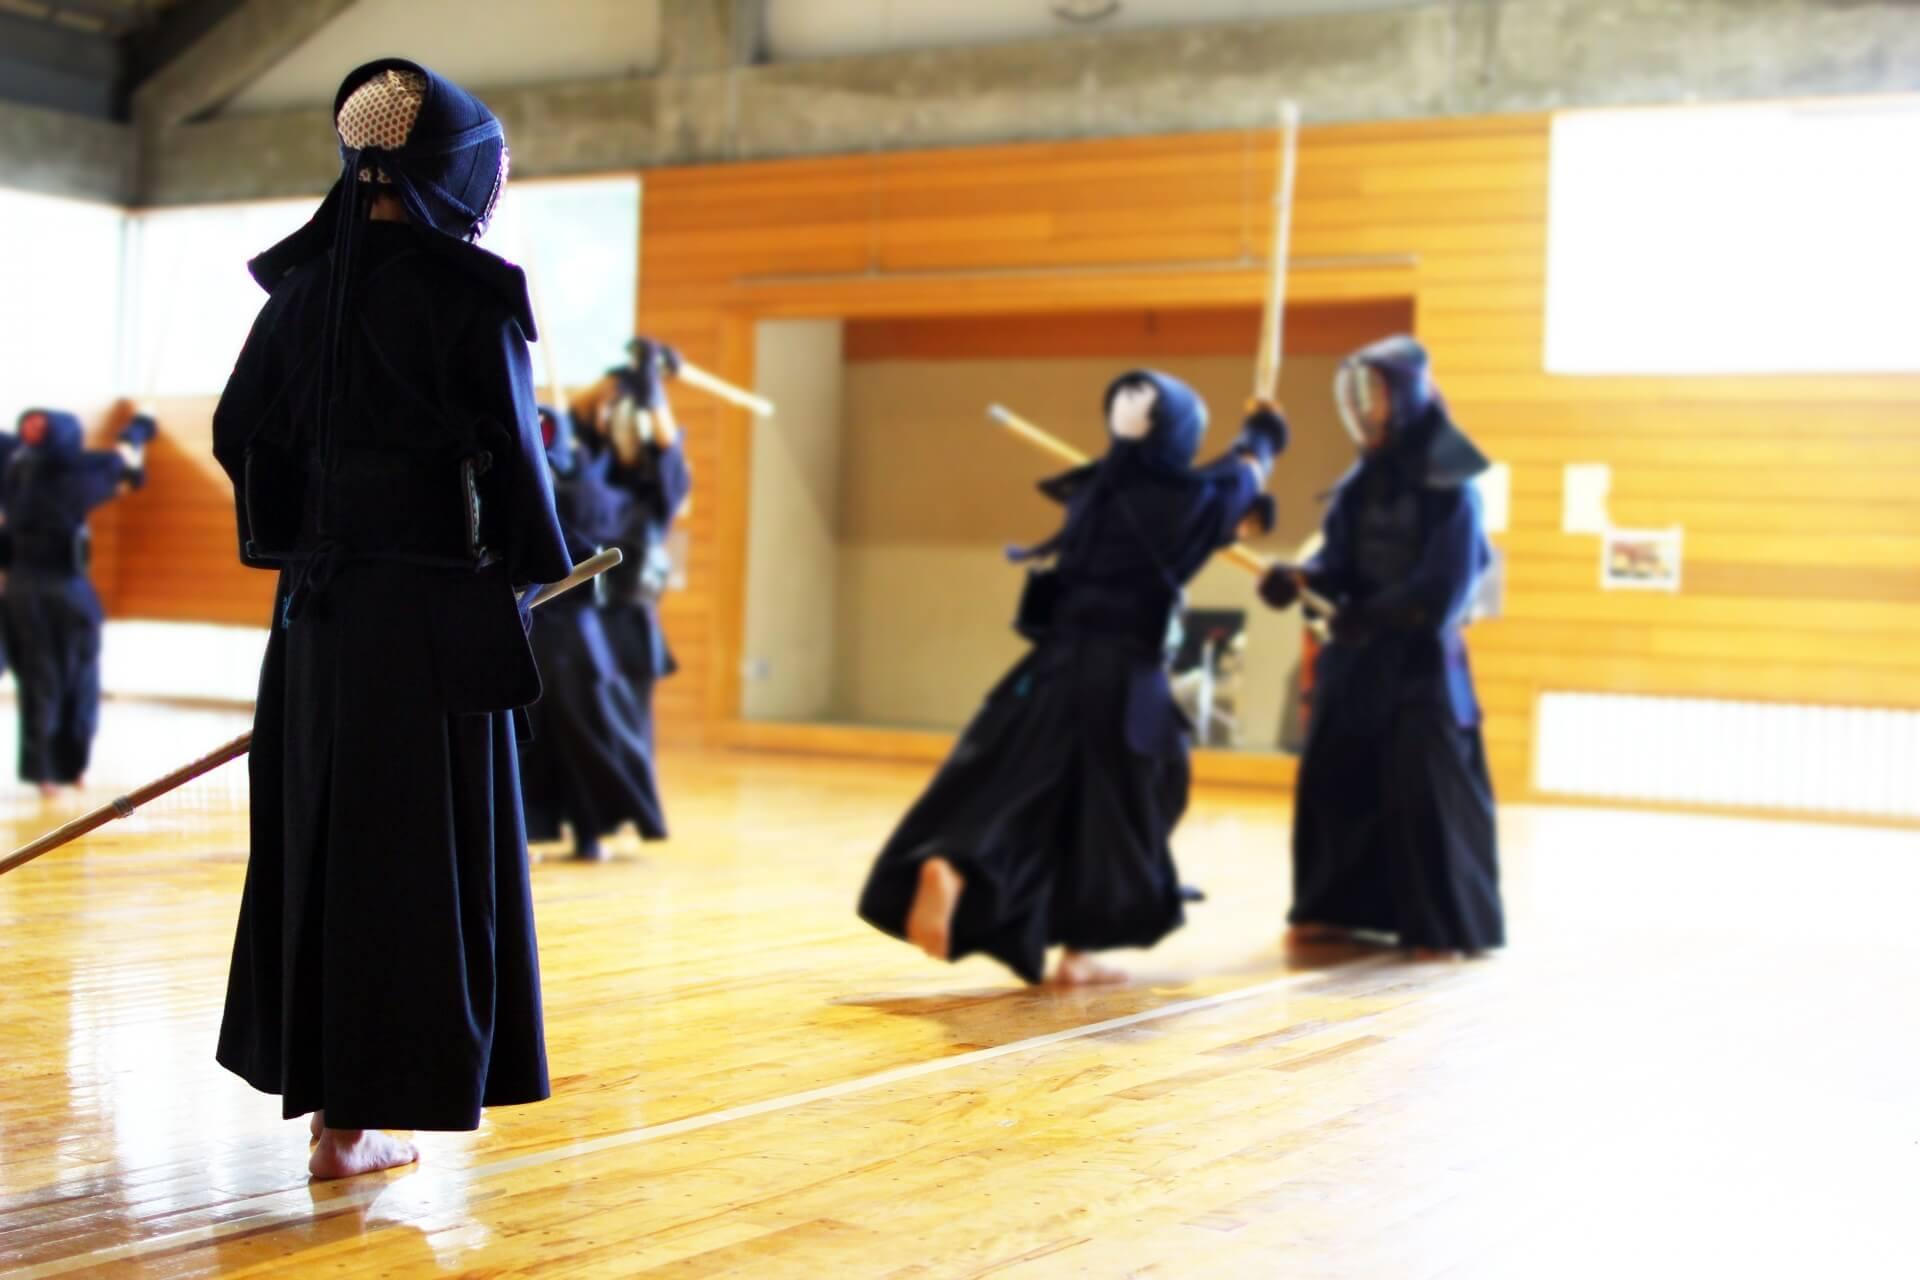 剣道八段の試合はスピード感が違う